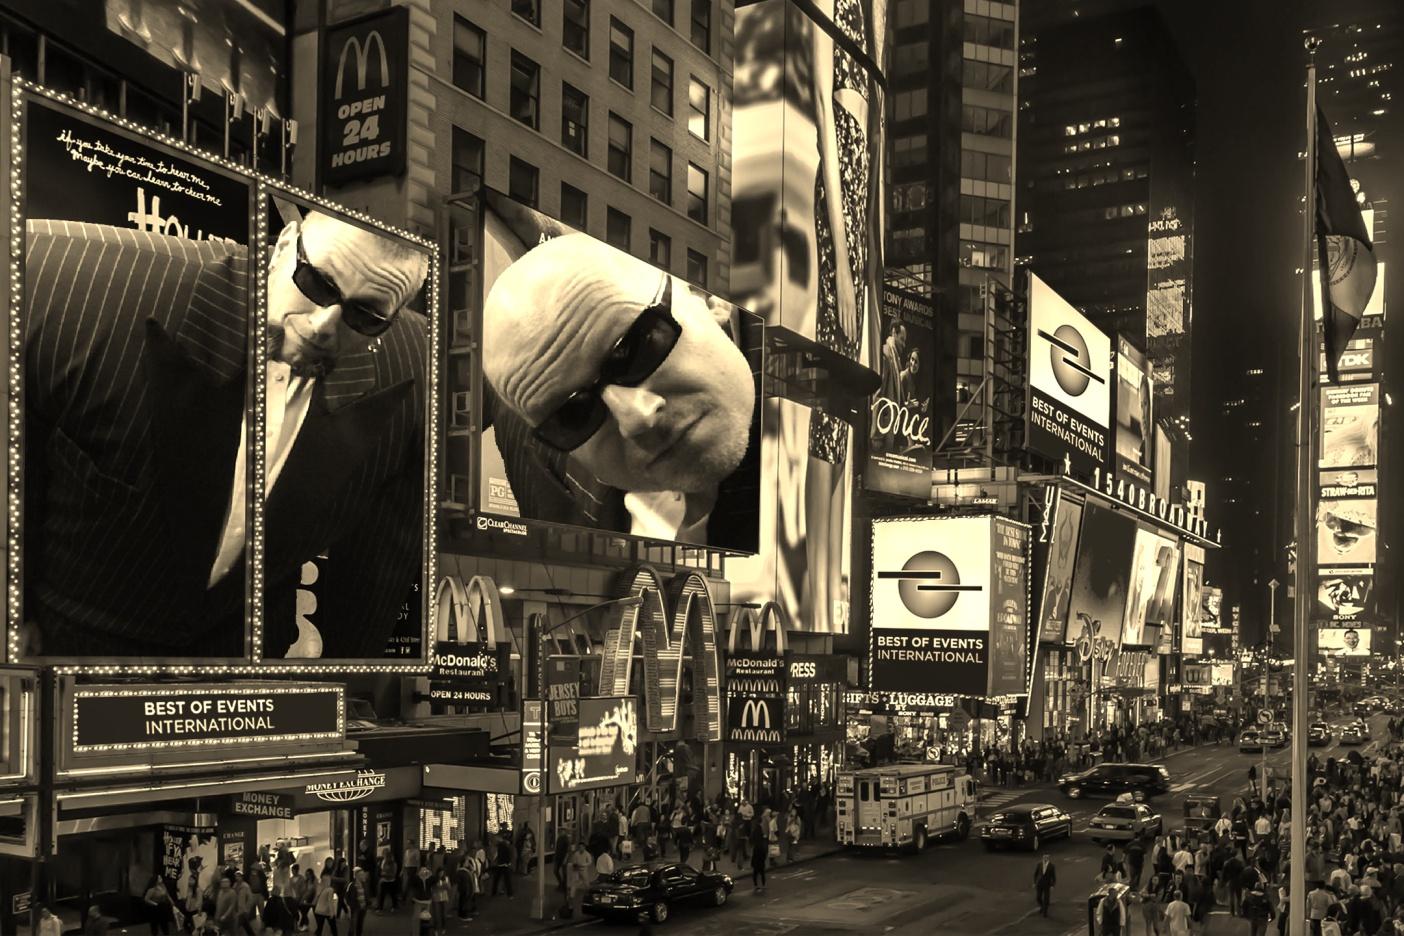 Fotobox_IMANOX_MIXED REALITY_NEWYORK.jpg